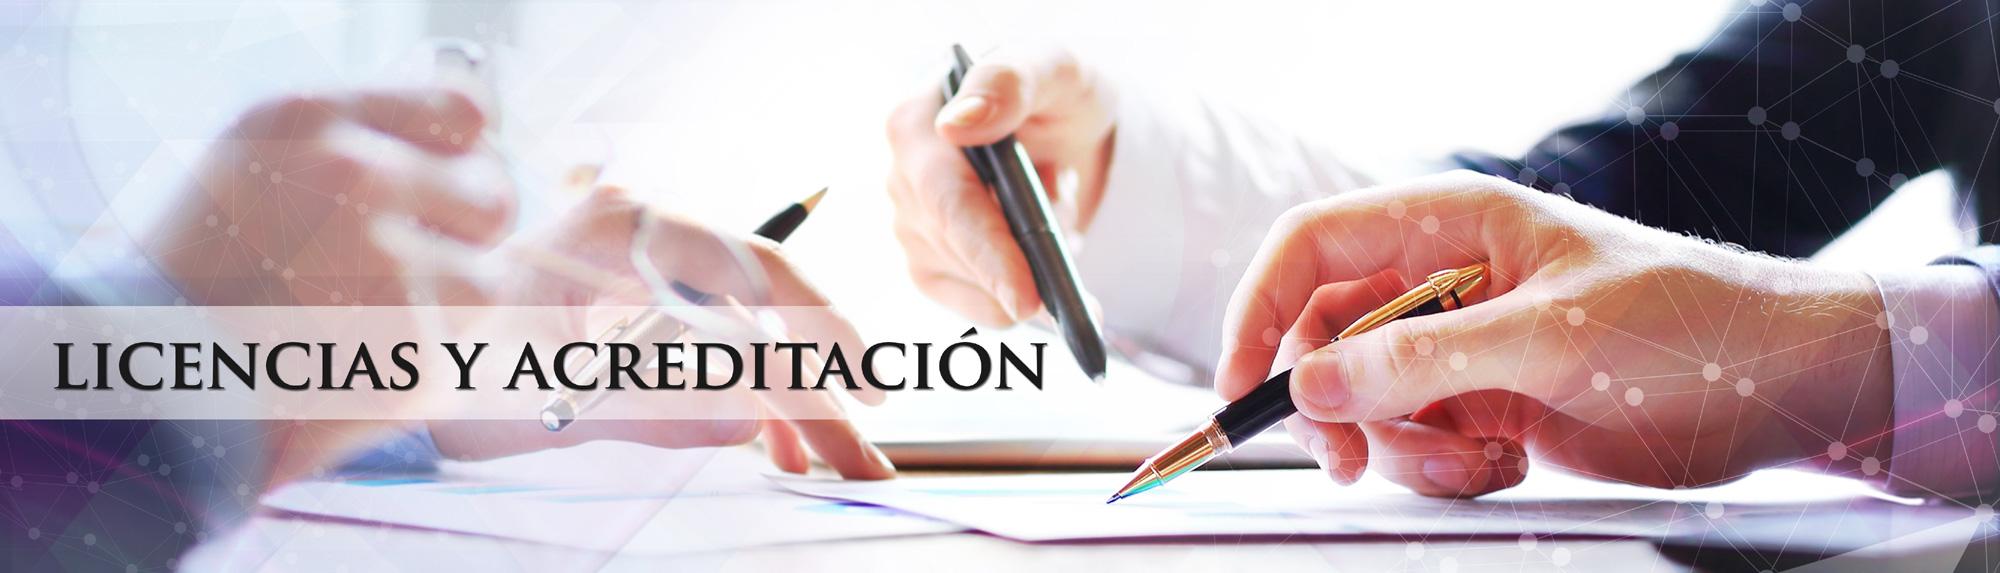 ucb_licenciasyacreditacion-